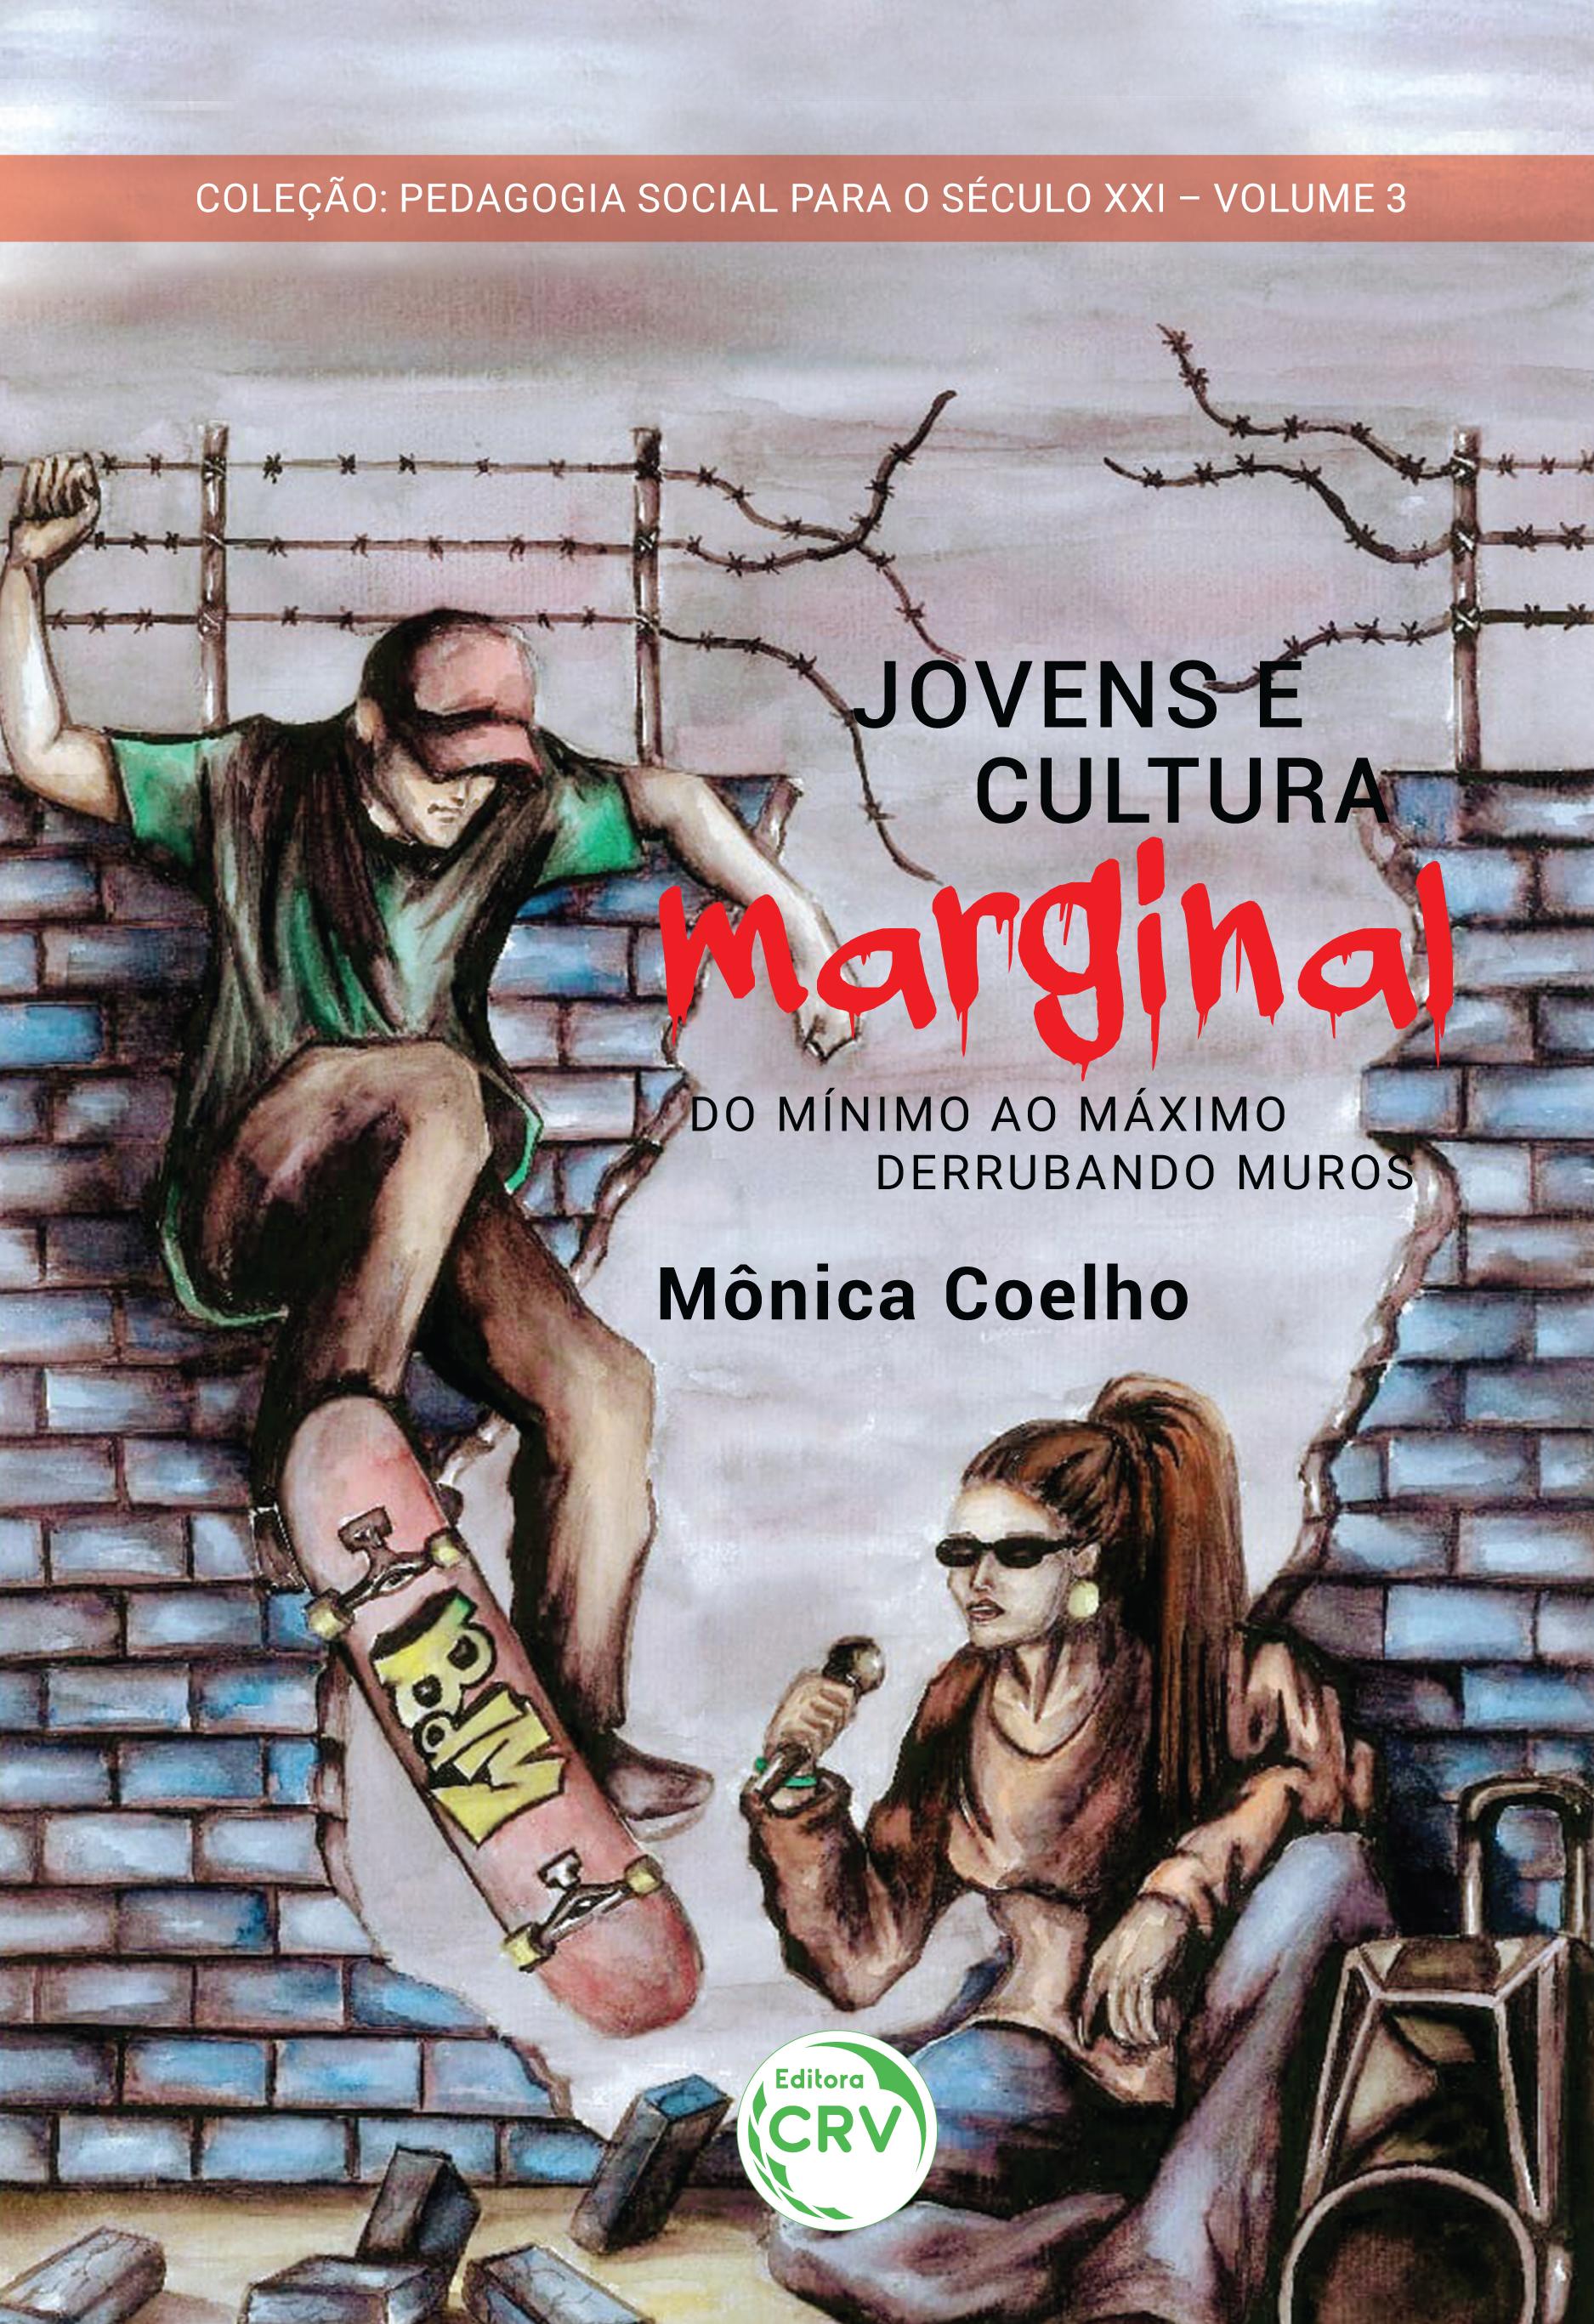 Capa do livro: JOVENS E CULTURA MARGINAL:<br> do mínimo ao máximo – derrubando muros <br>Pedagogia social para o século XXI <br>Volume 3